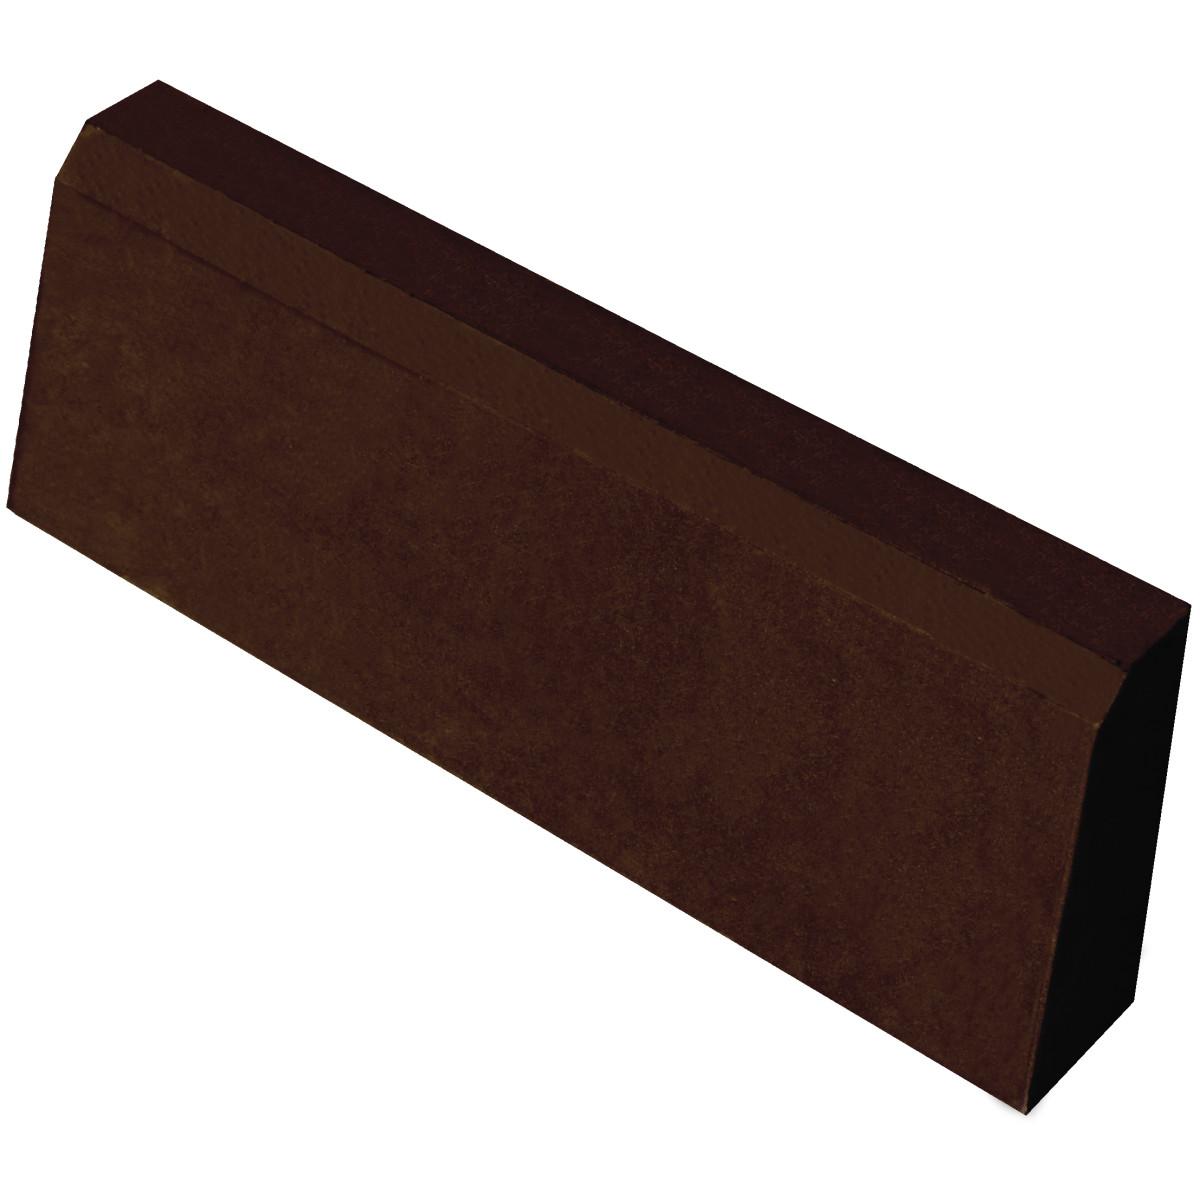 Бордюр тротуарный облегчённый 500x200x40 мм цвет шоколадный